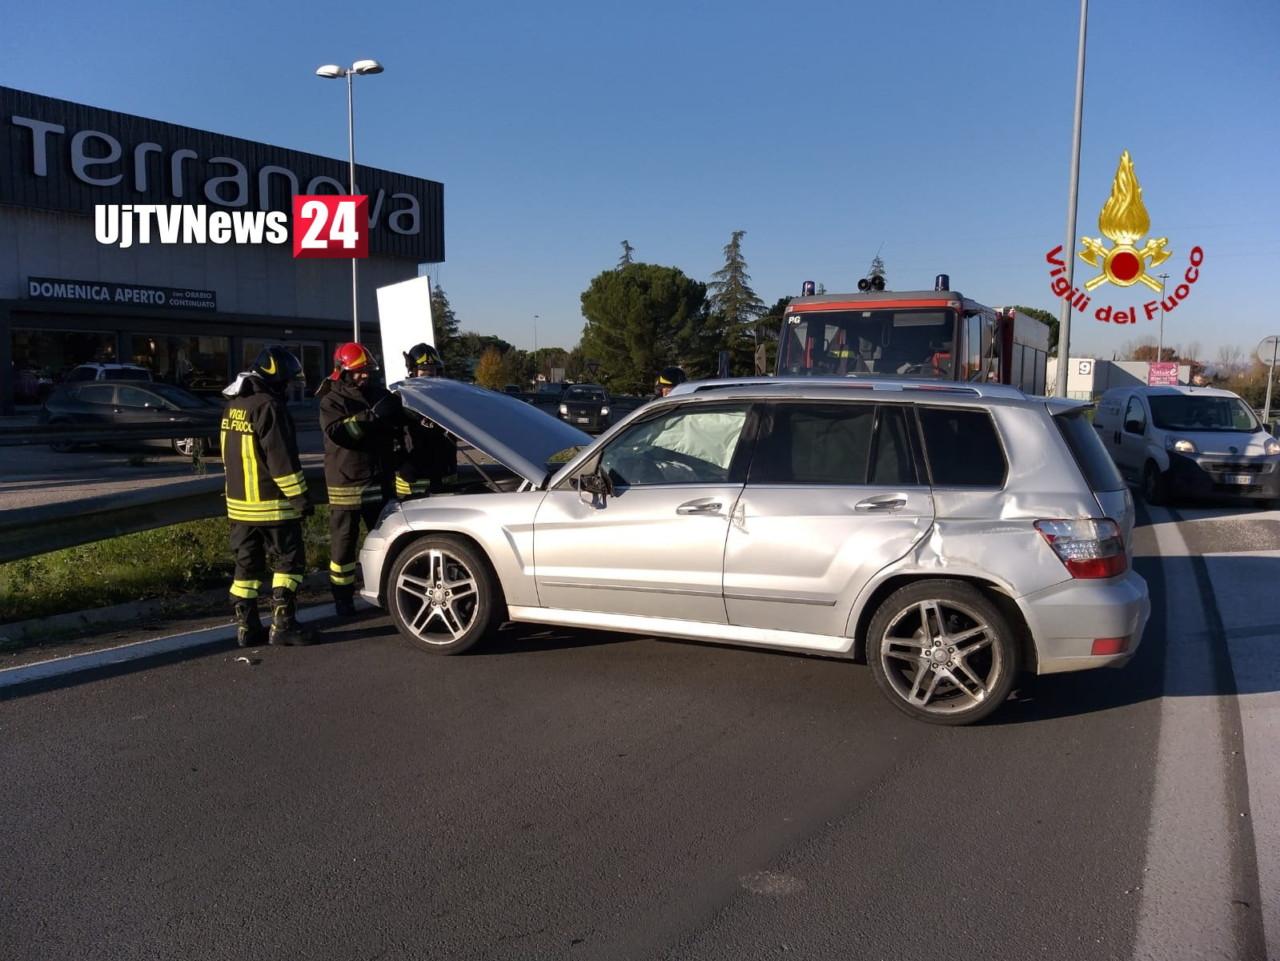 Centrale umbra 75 a Bastia incidente stradale, svincolo ad Umbriafiere un ferito